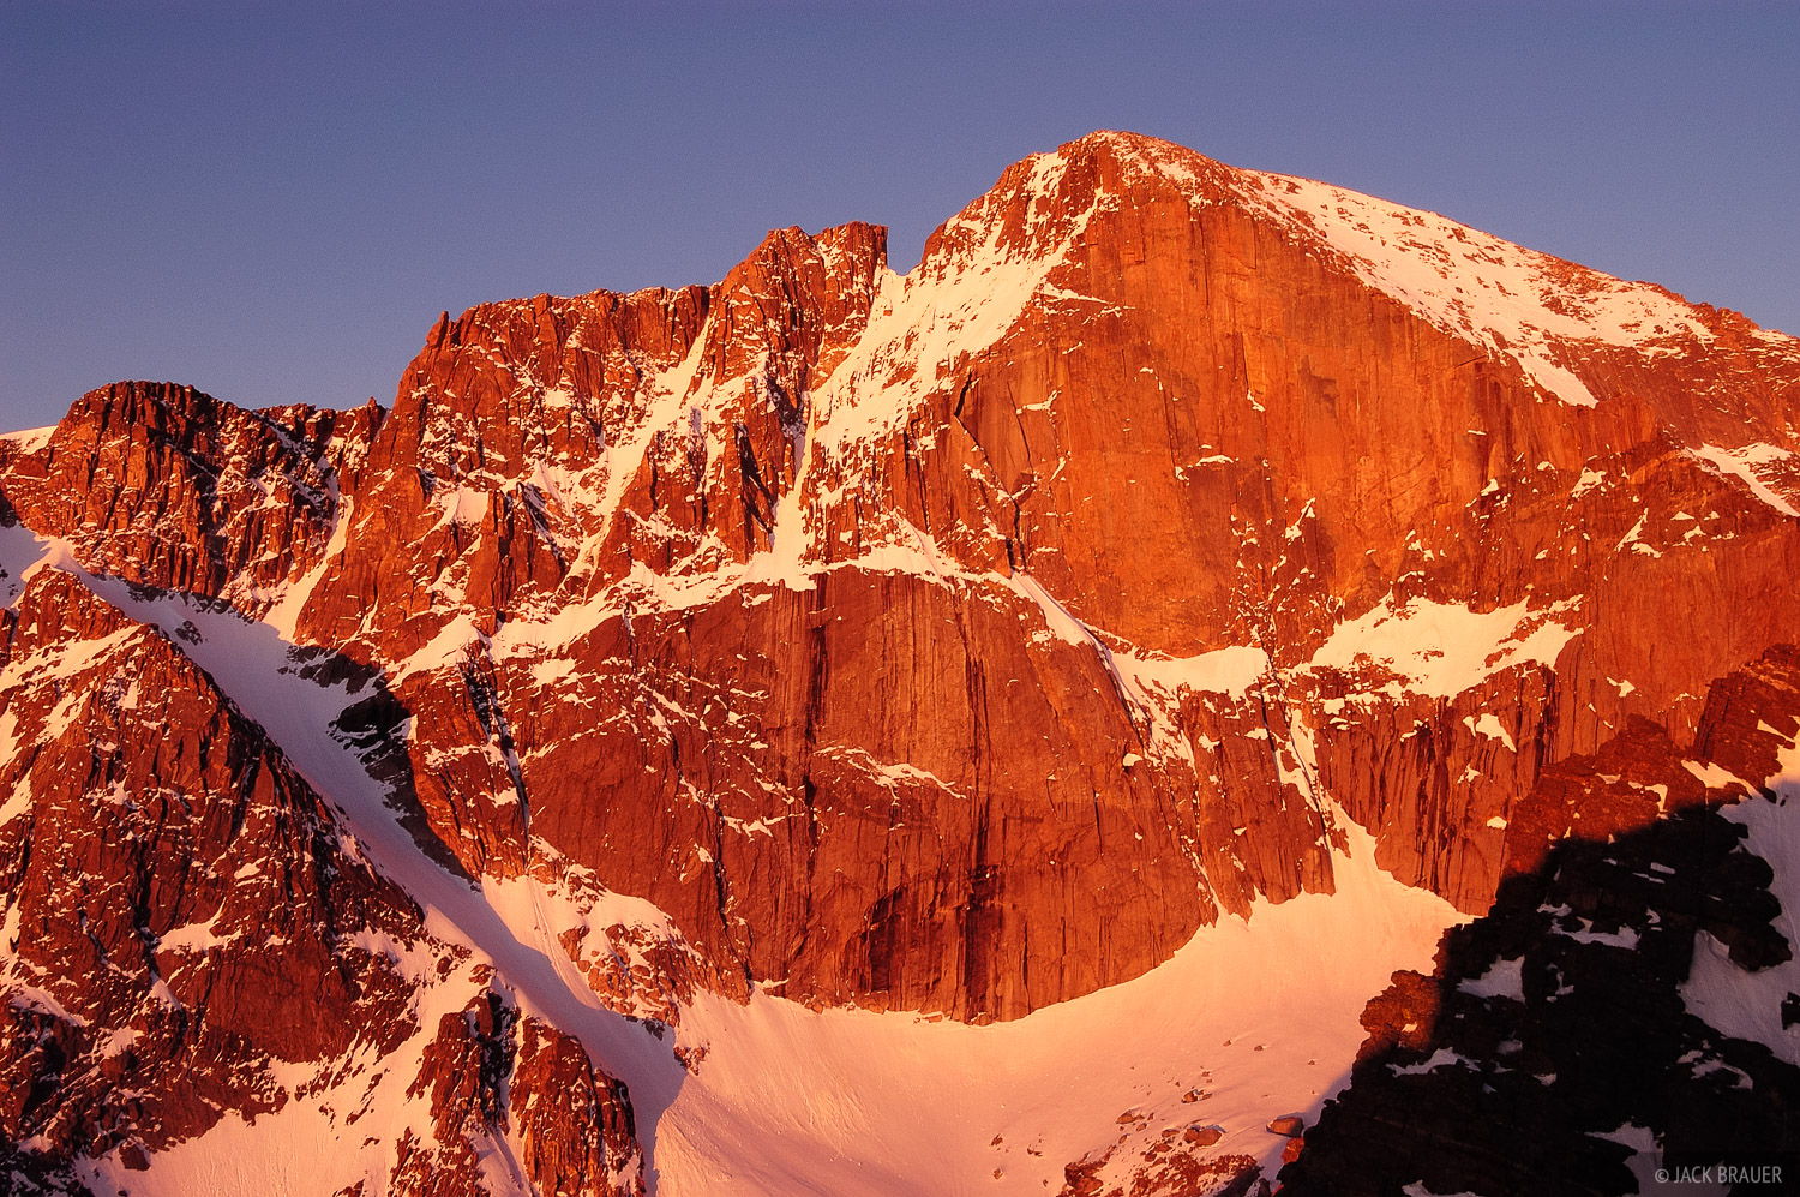 Diamond, Longs Peak, Rocky Mountain National Park, Colorado, photo